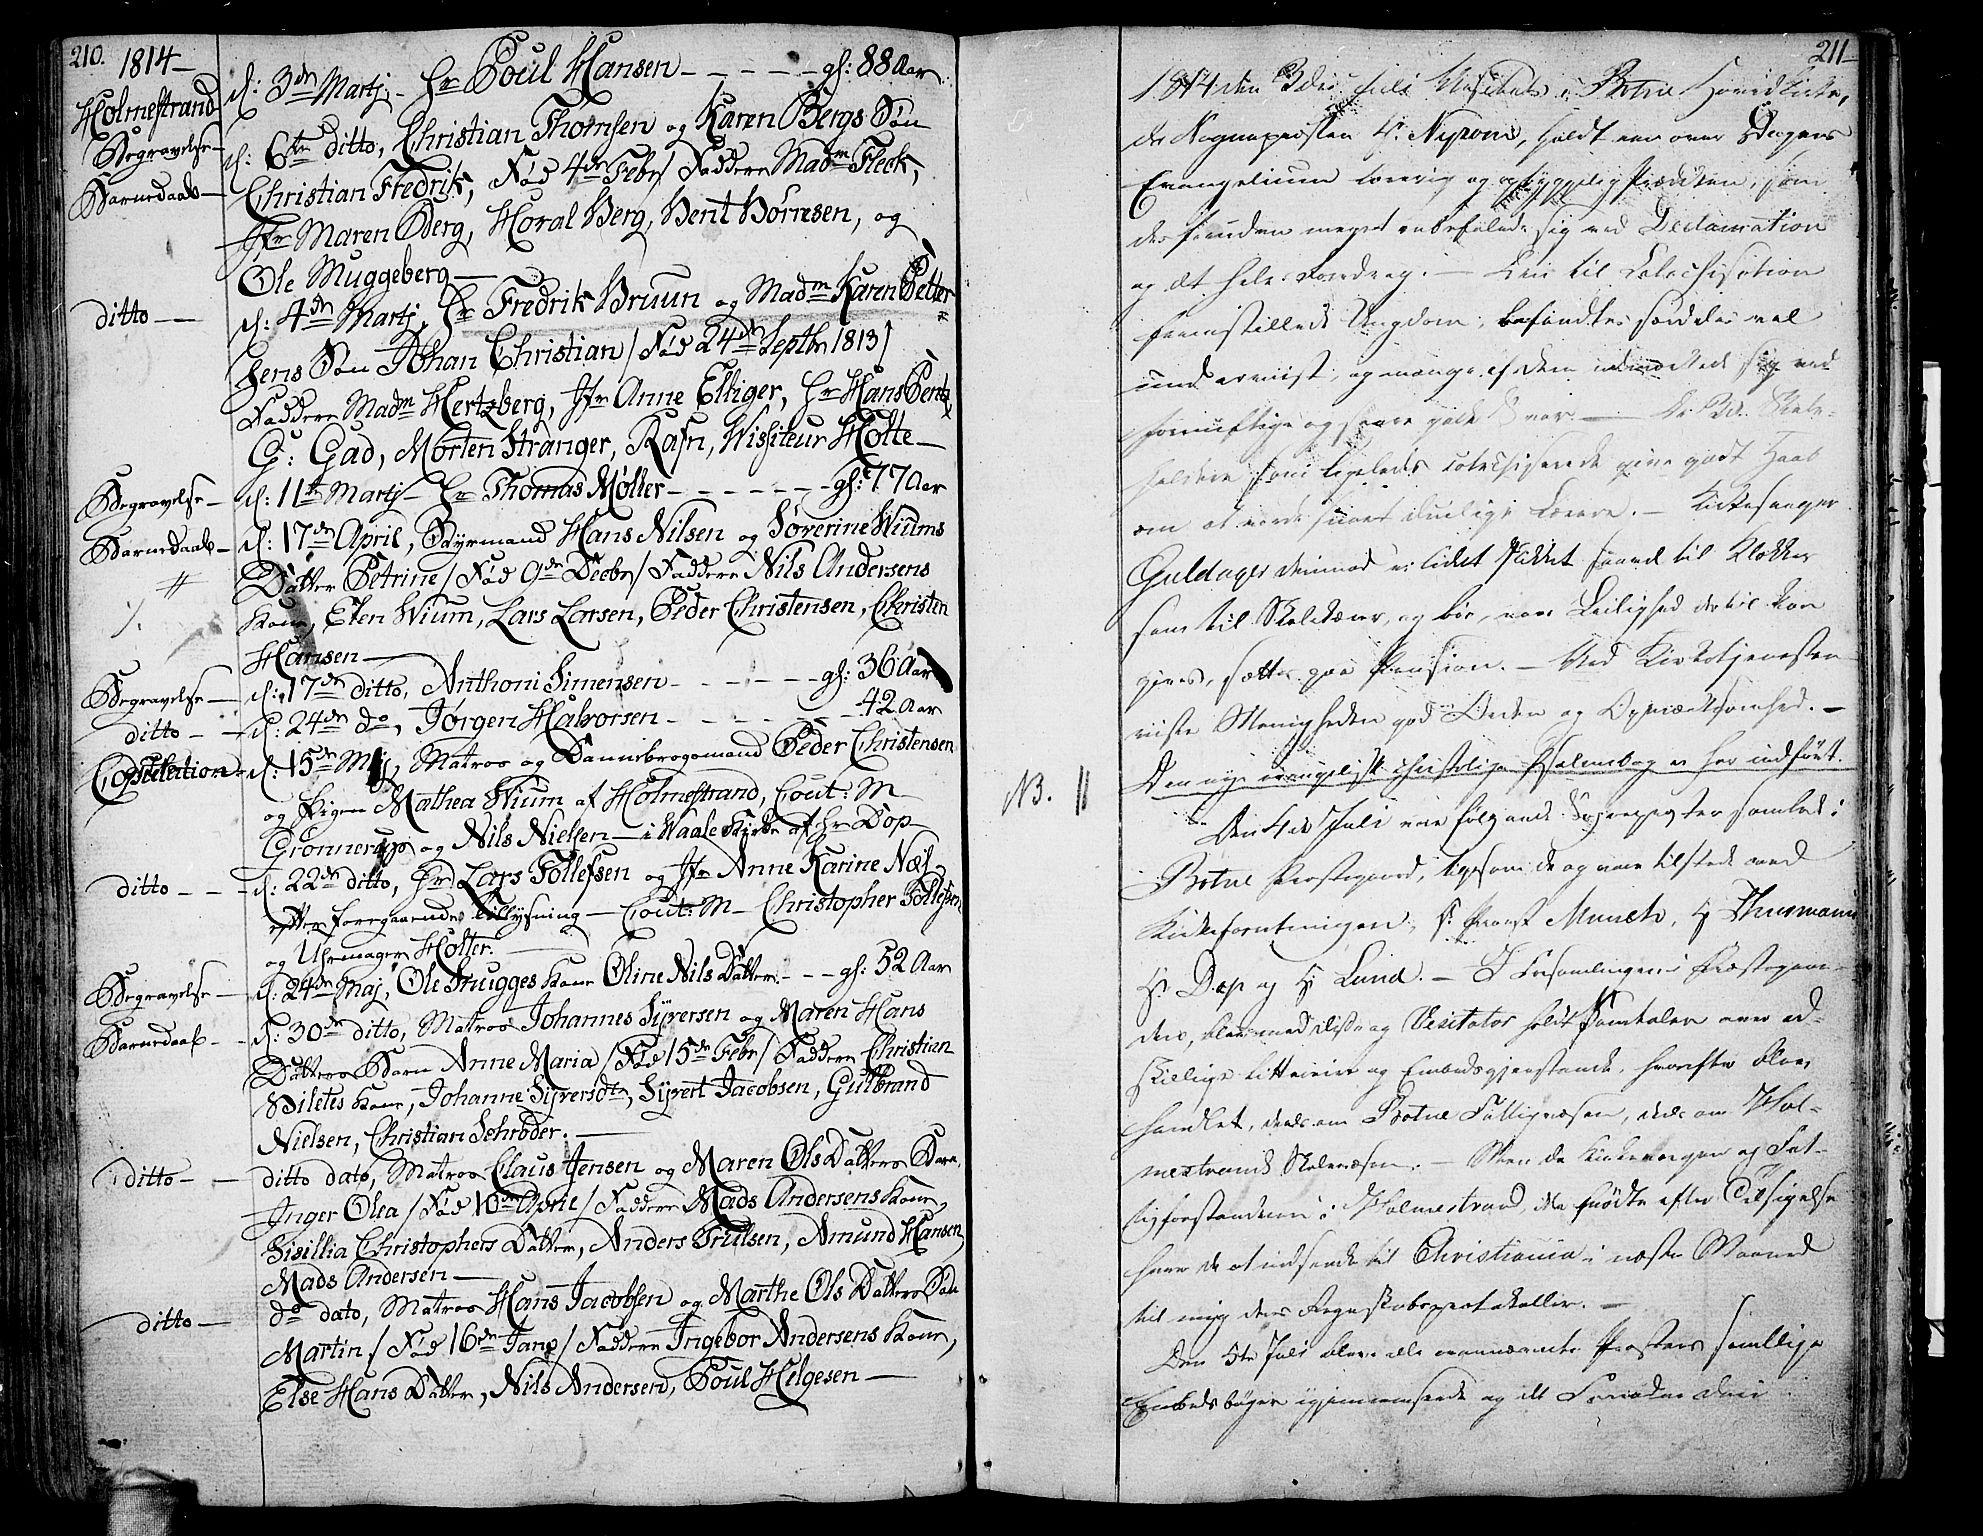 SAKO, Botne kirkebøker, F/Fa/L0003: Ministerialbok nr. I 3 /1, 1792-1844, s. 210-211